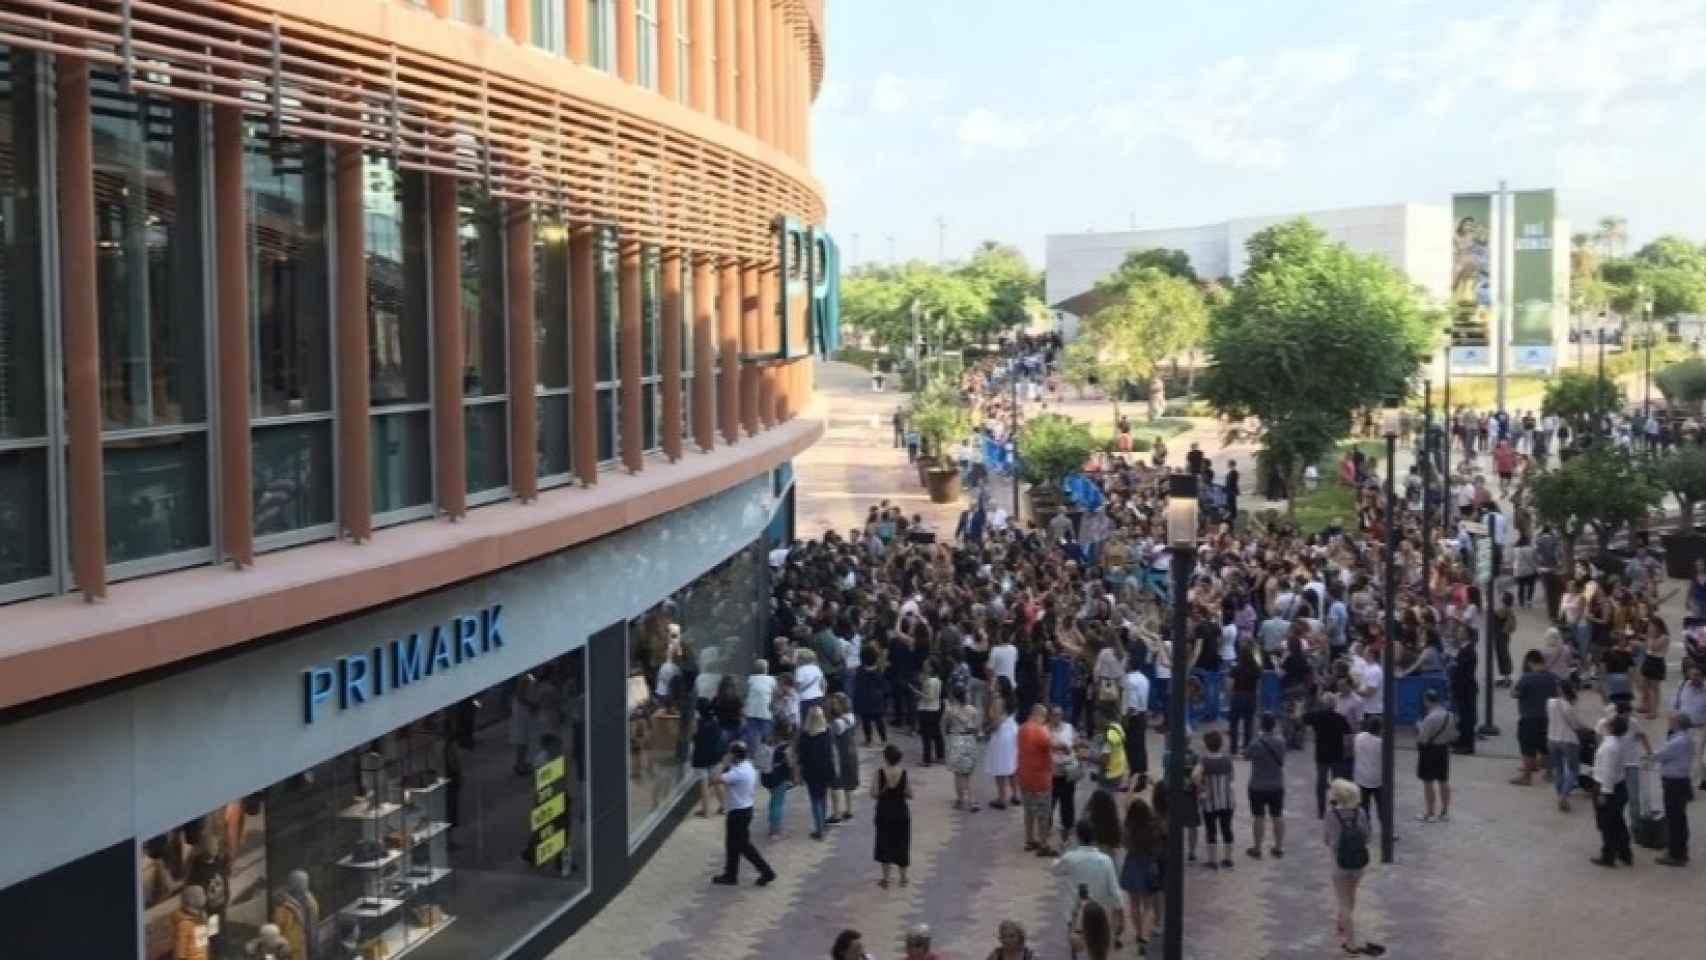 Las colas en la entrada del nuevo Primark, ubicado en el centro comercial Torre Sevilla (Sevilla).